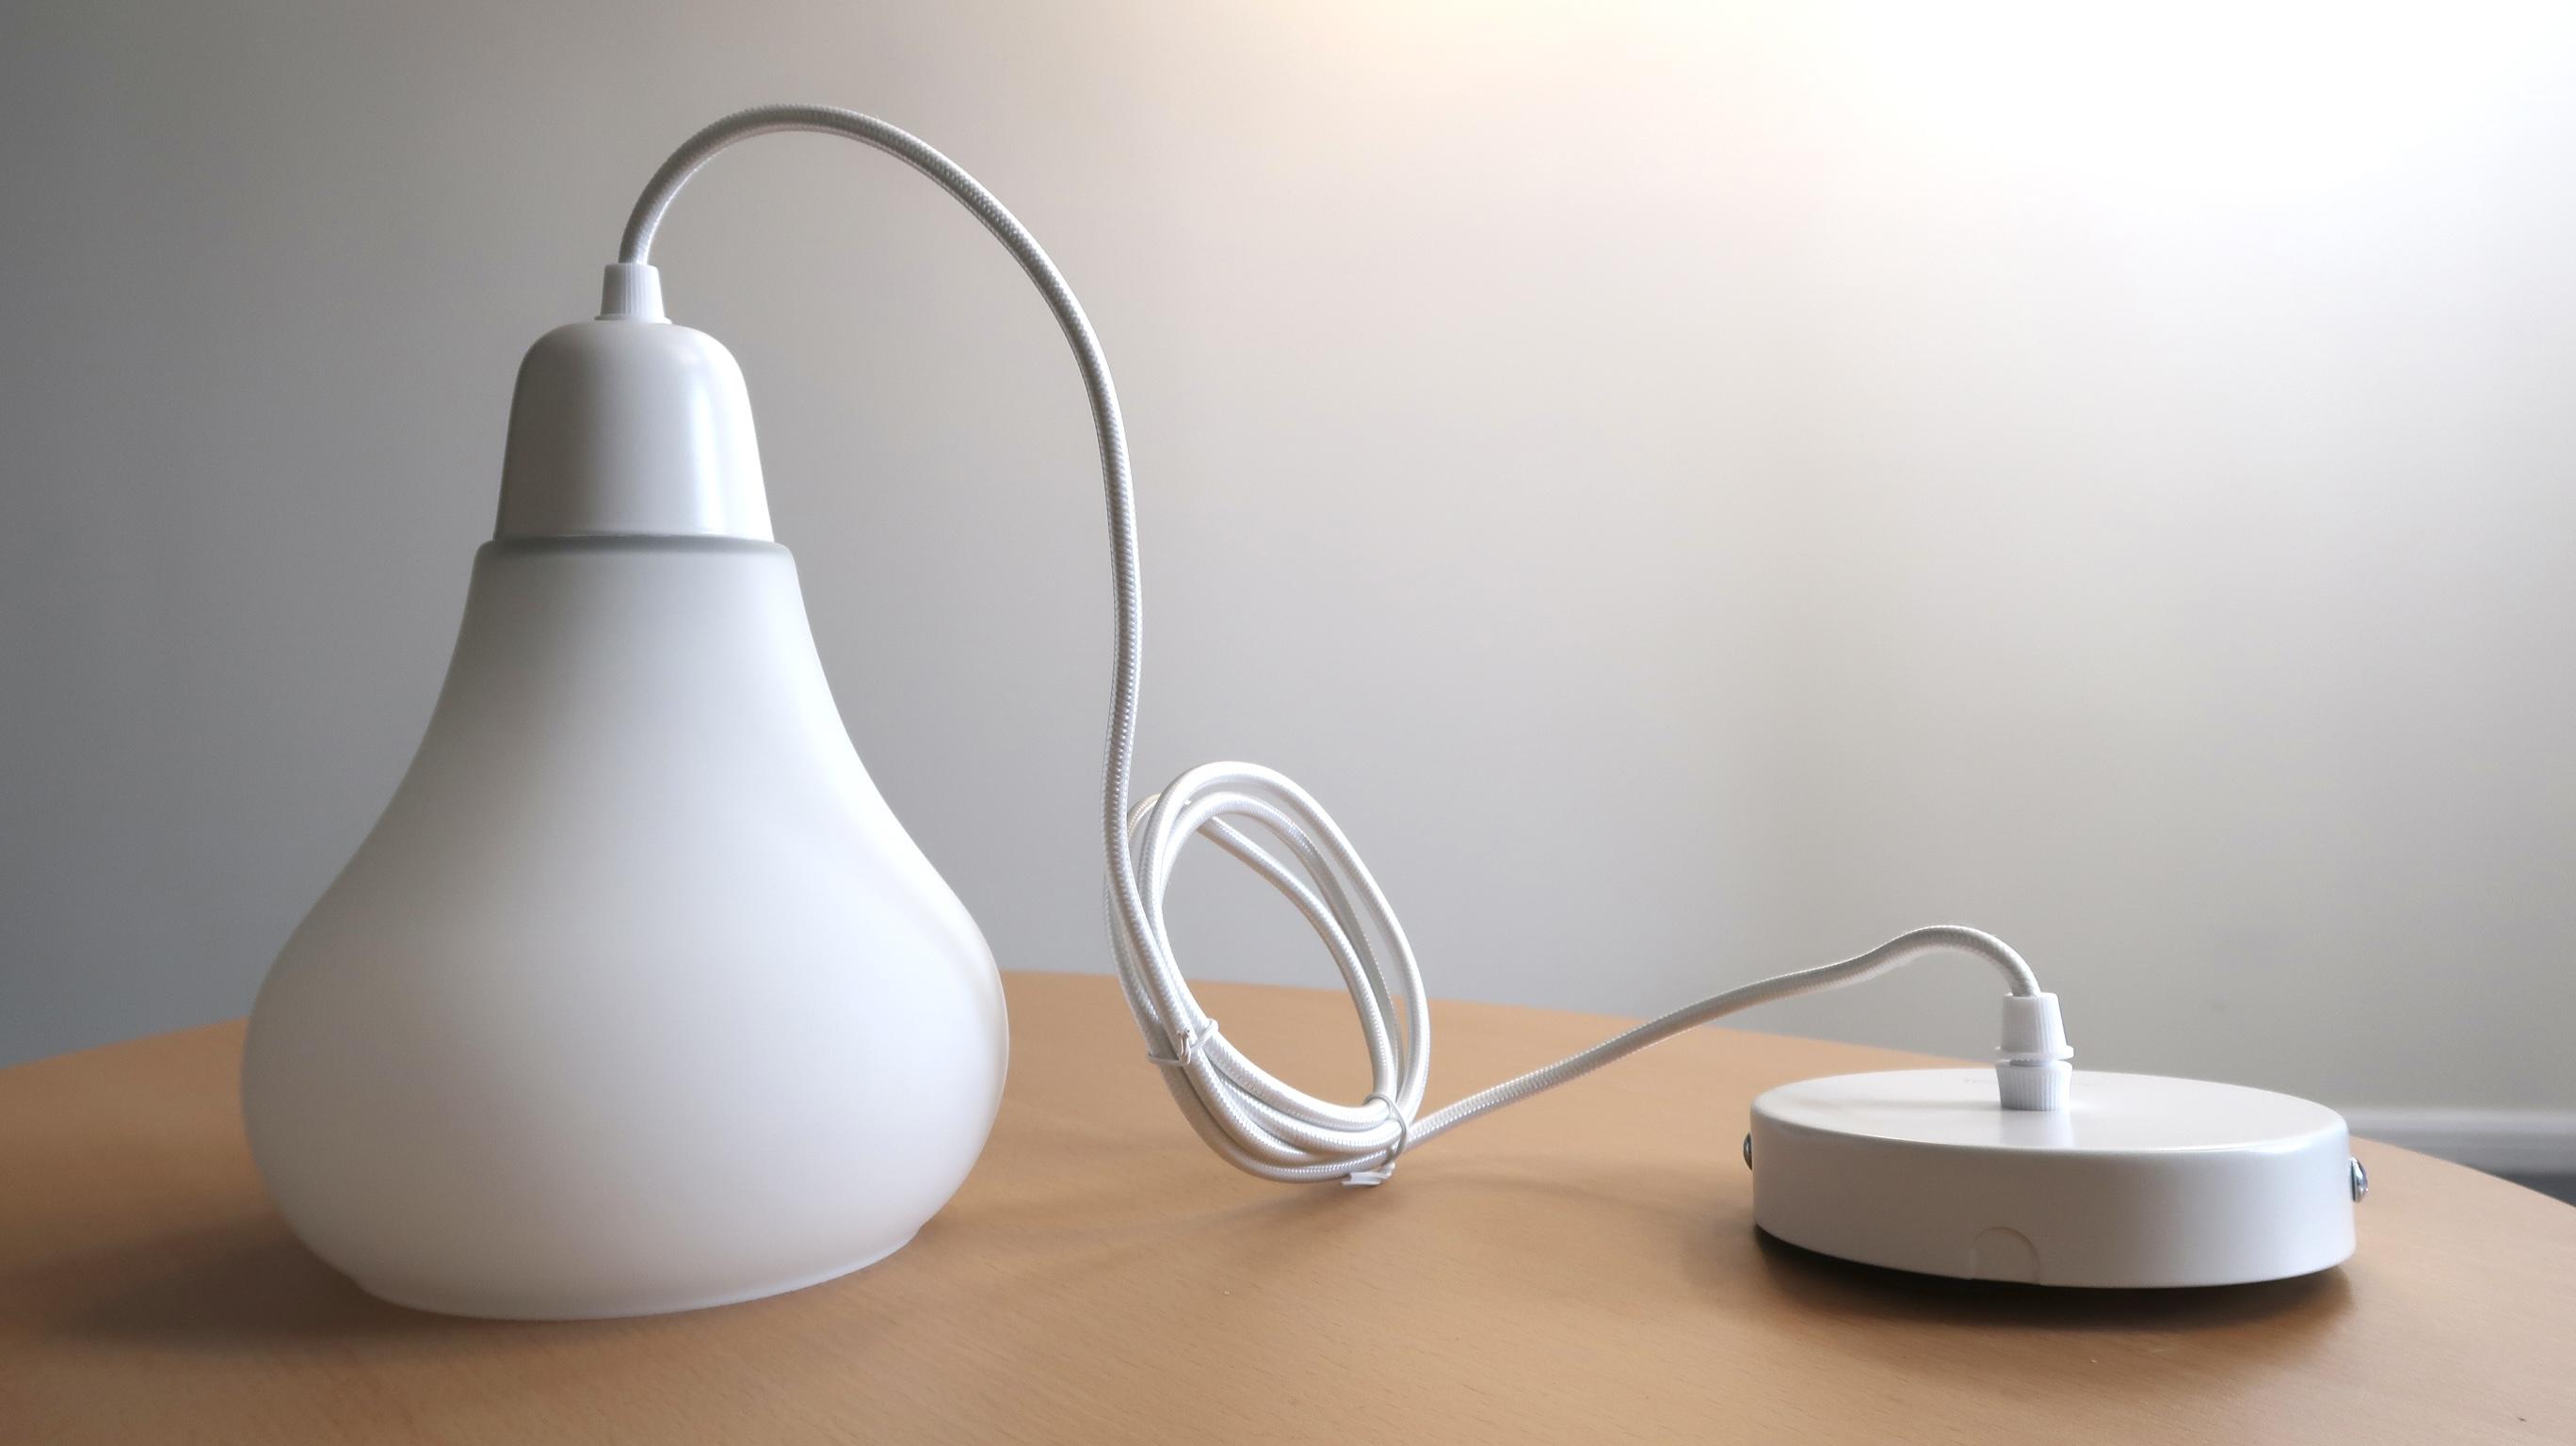 評測| 宜美風鈴系列吊燈:后現代風格家裝少不了的簡約之美